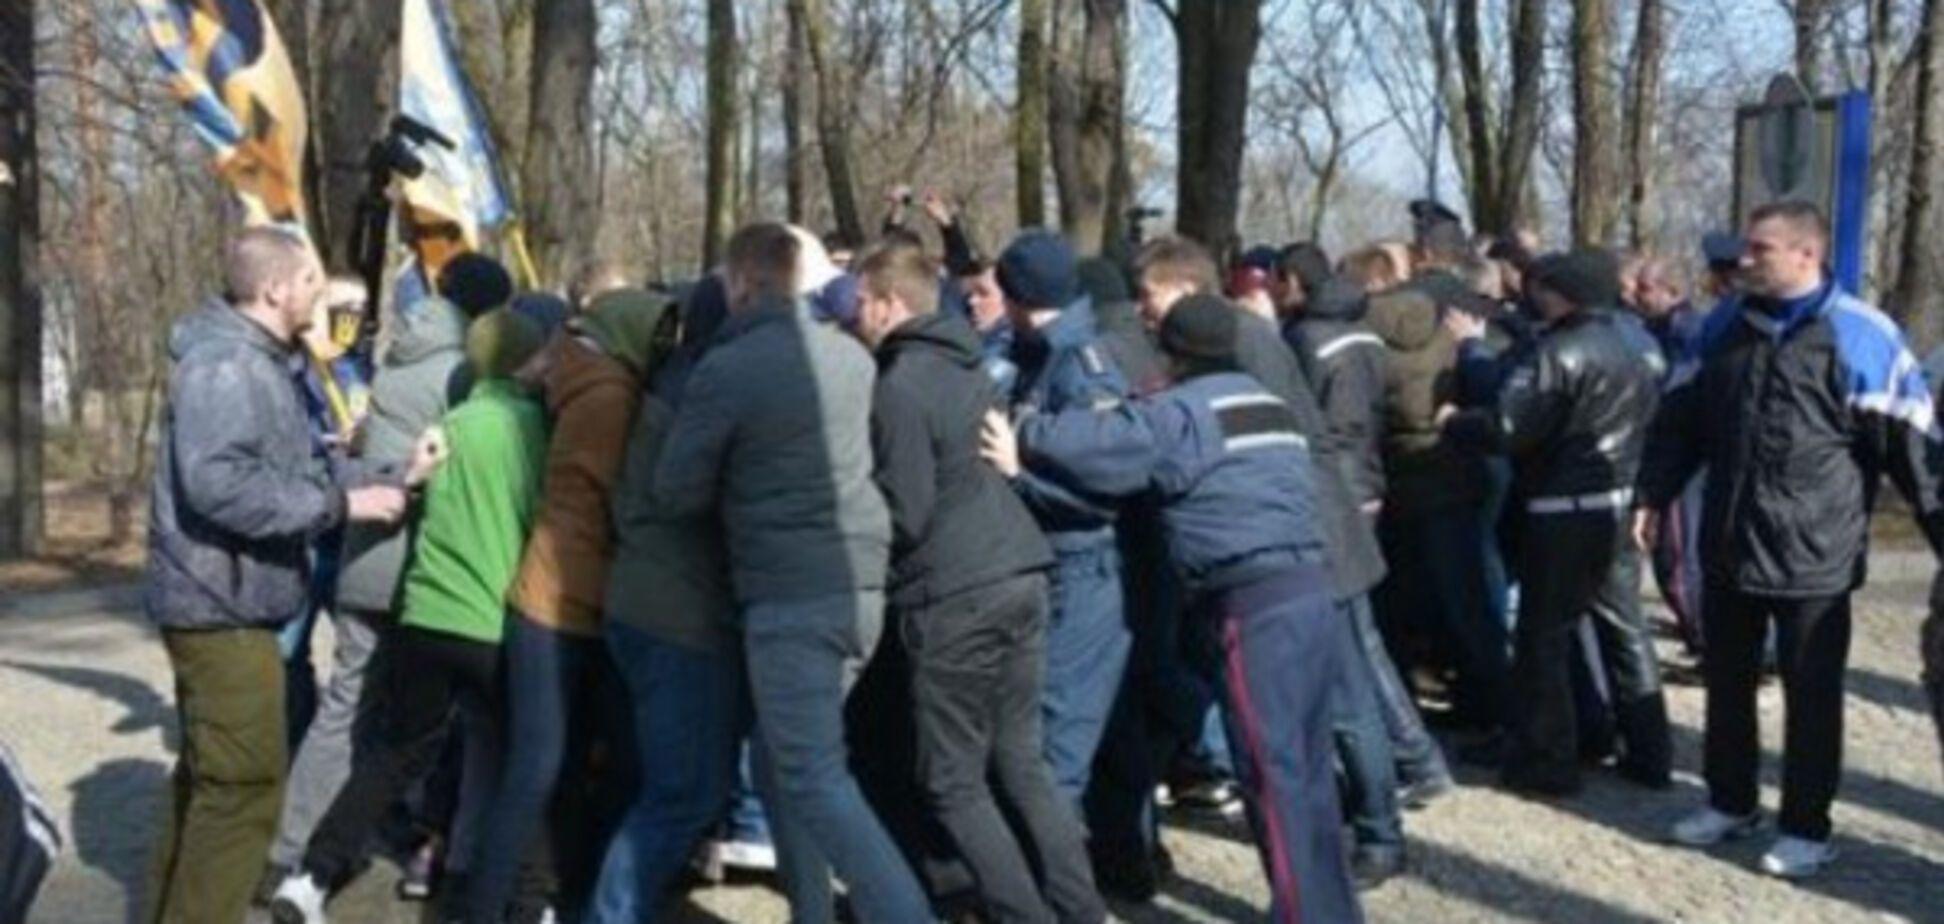 Націоналісти і люди Медведчука влаштували масову бійку на могилі Тараса Шевченка